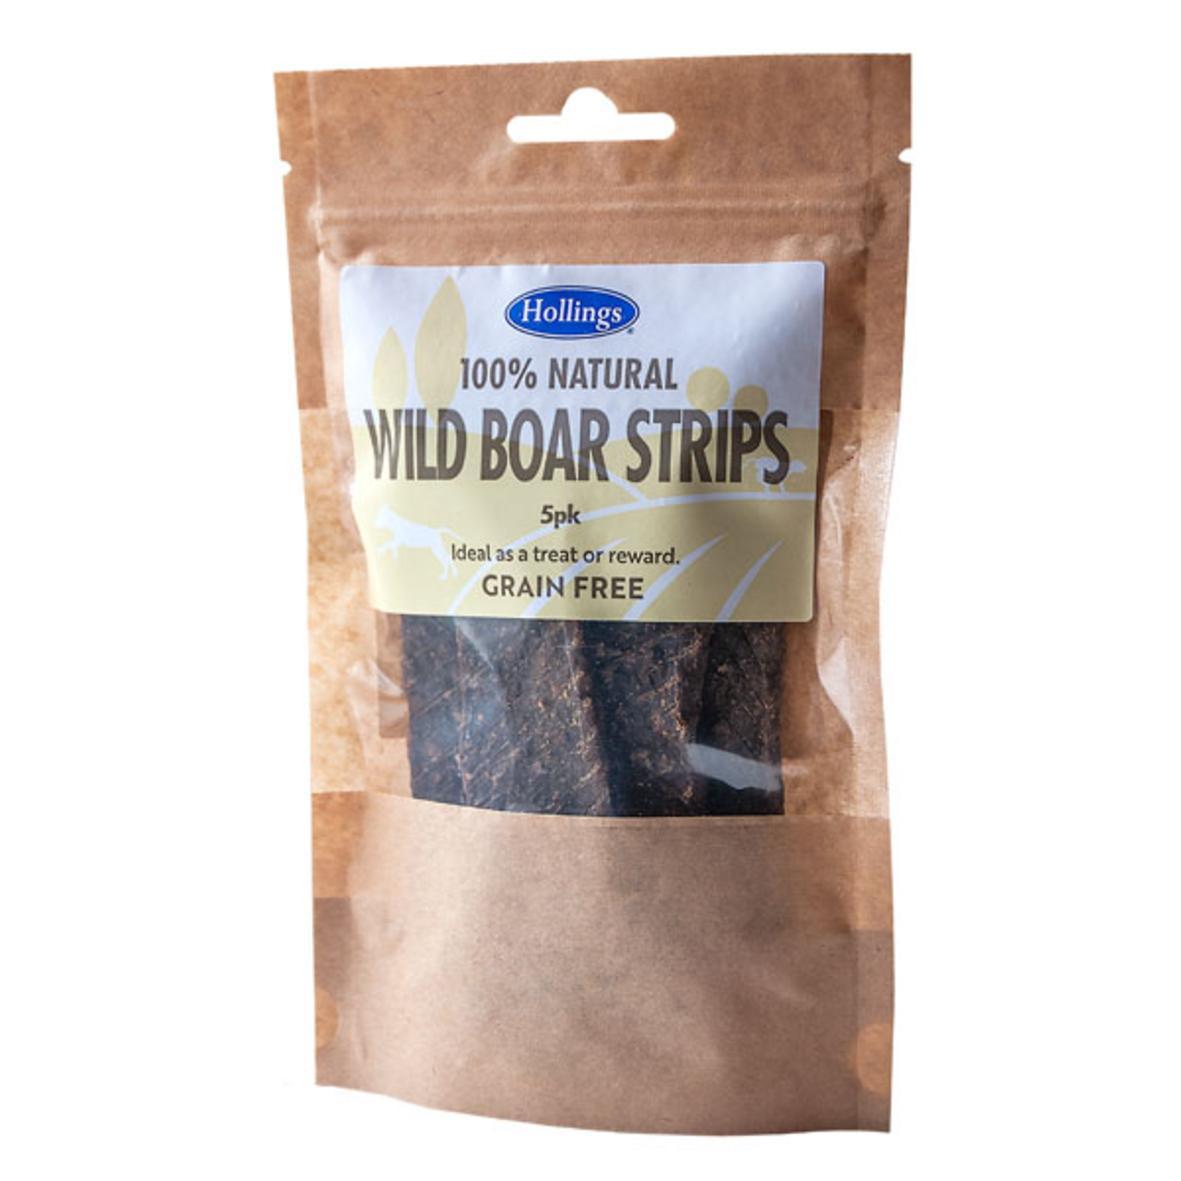 Hollings Wild Boar Strips 5pcs